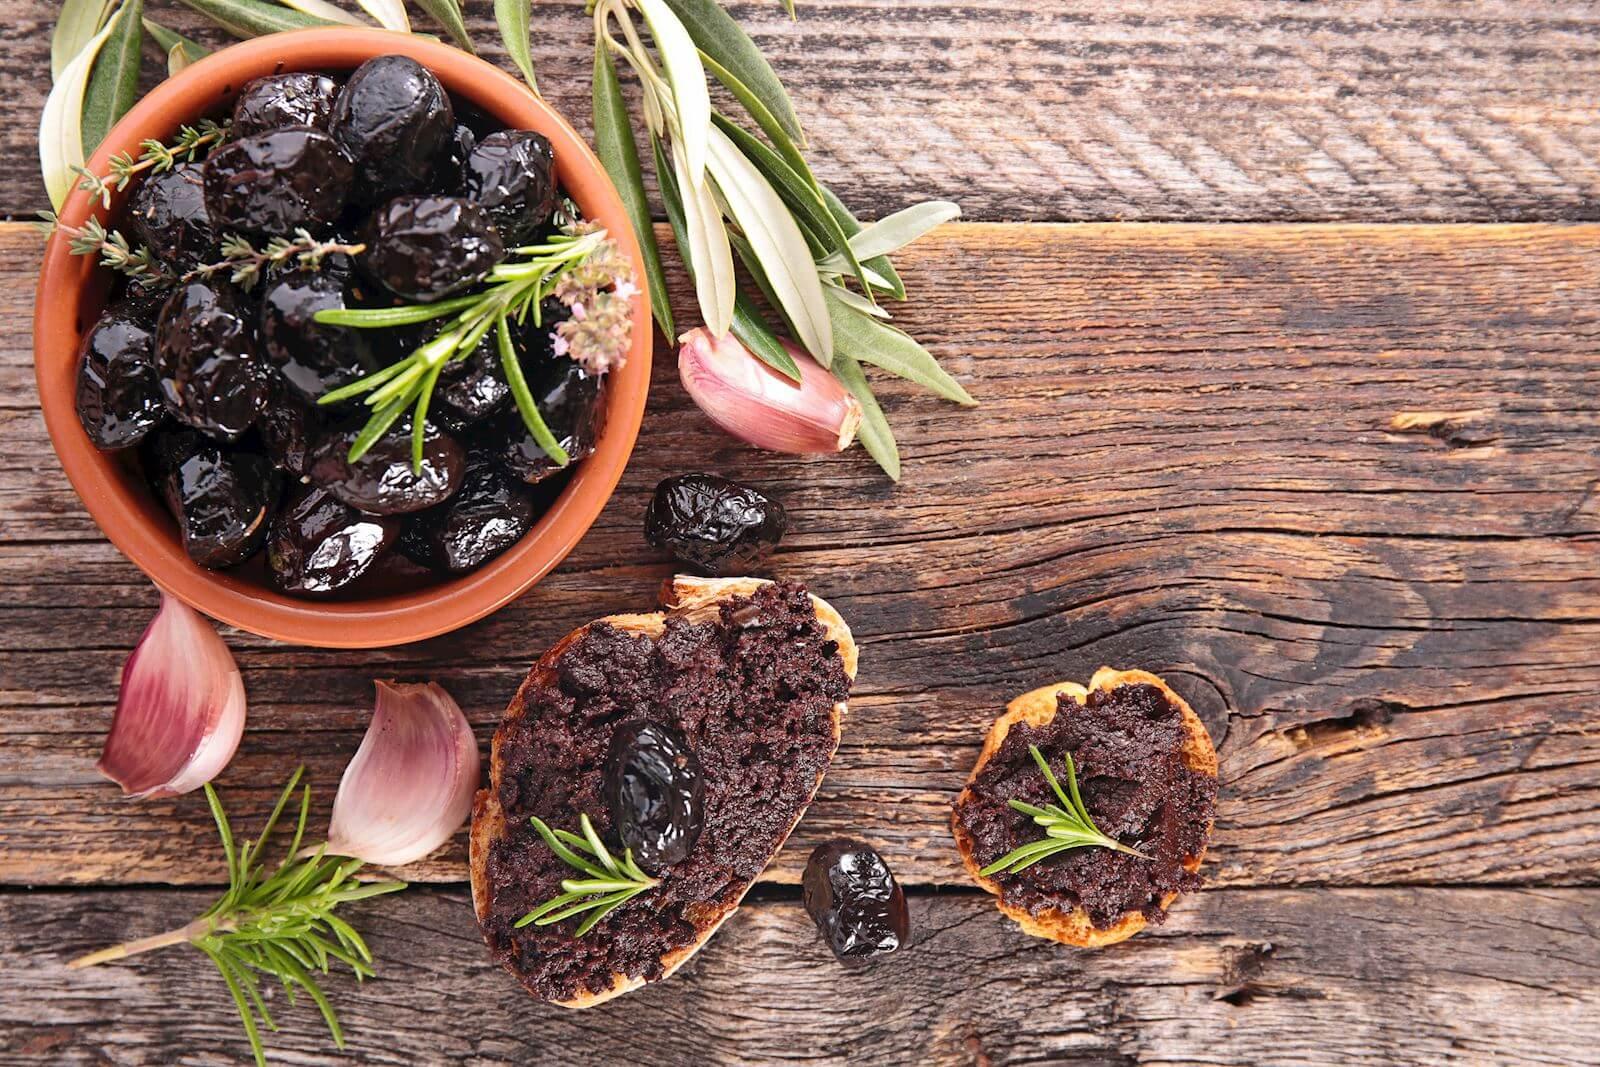 Высокая кухня: 5 рецептов от шеф-поваров, которые сможет повторить каждый-Фото 4